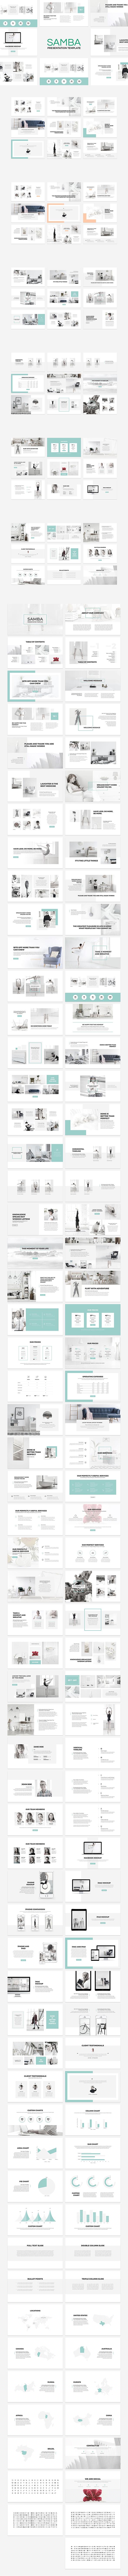 GraphicRiver Samba Minimal Presentation Template 21010690